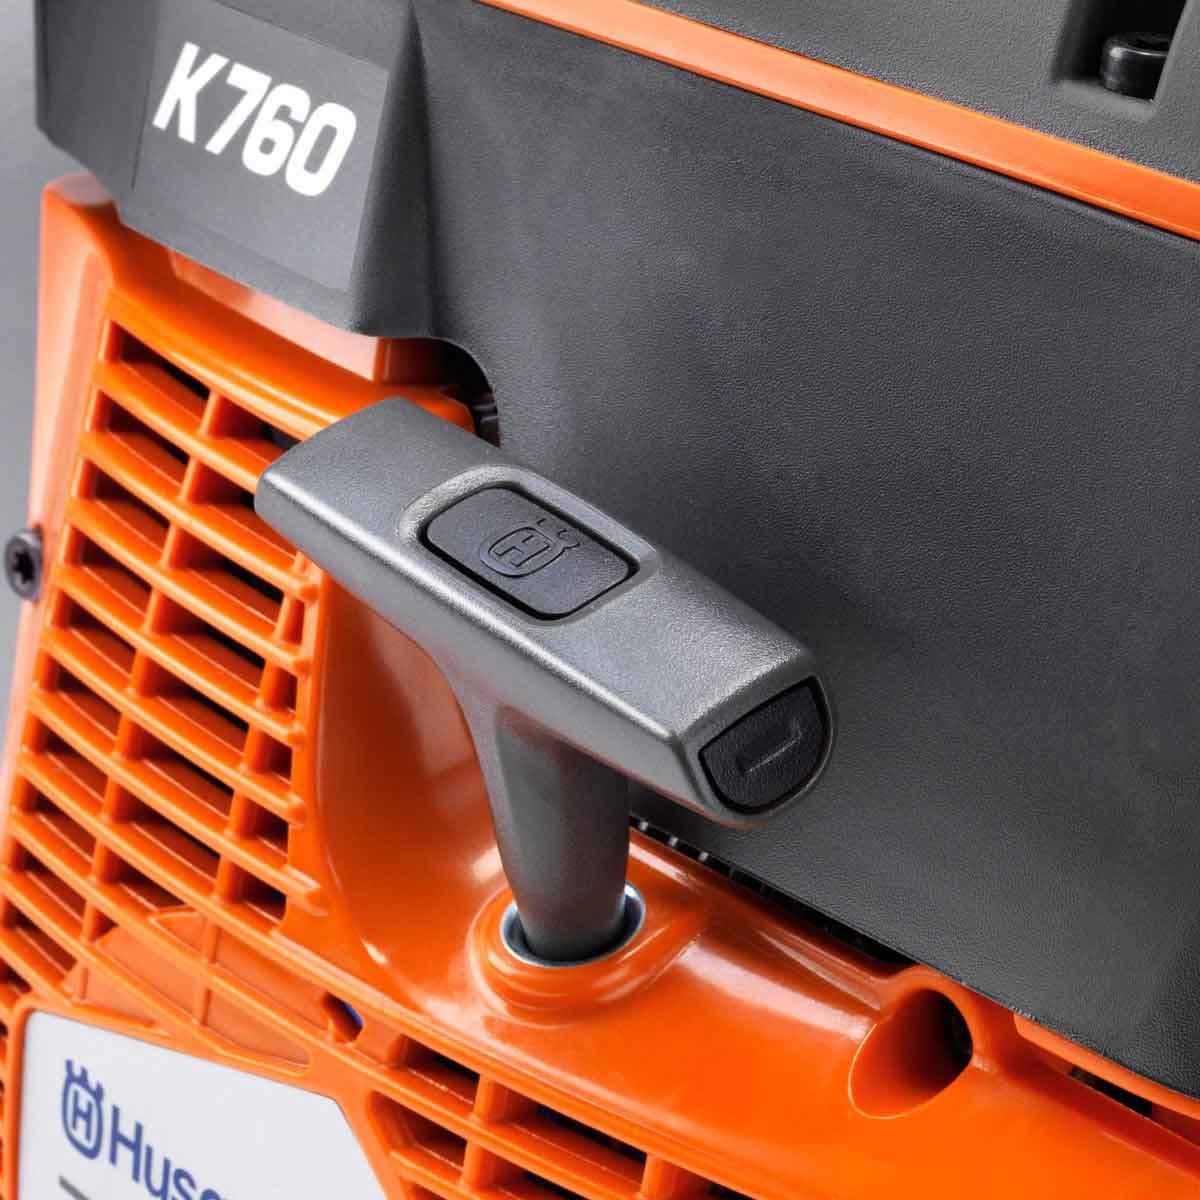 Husqvarna K760 Power cutter pull